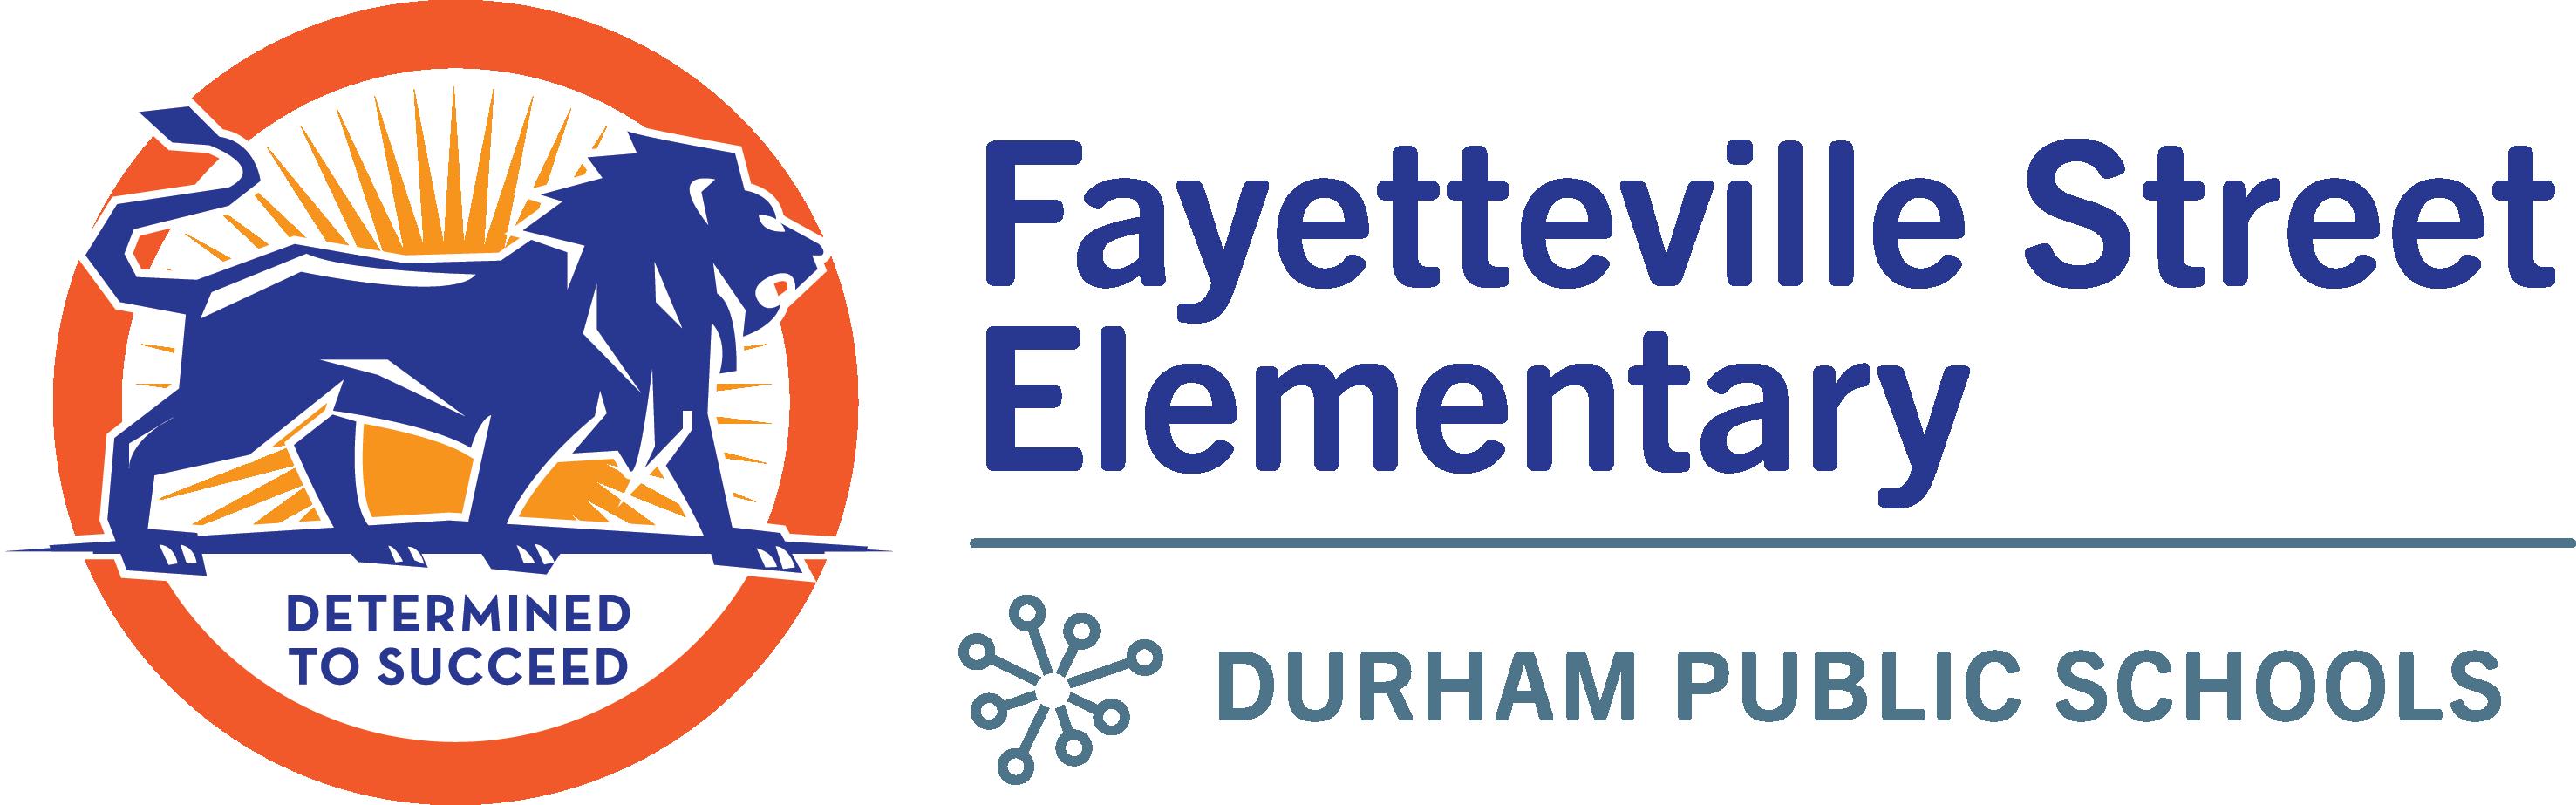 Fayetteville Street Elementary Homepage